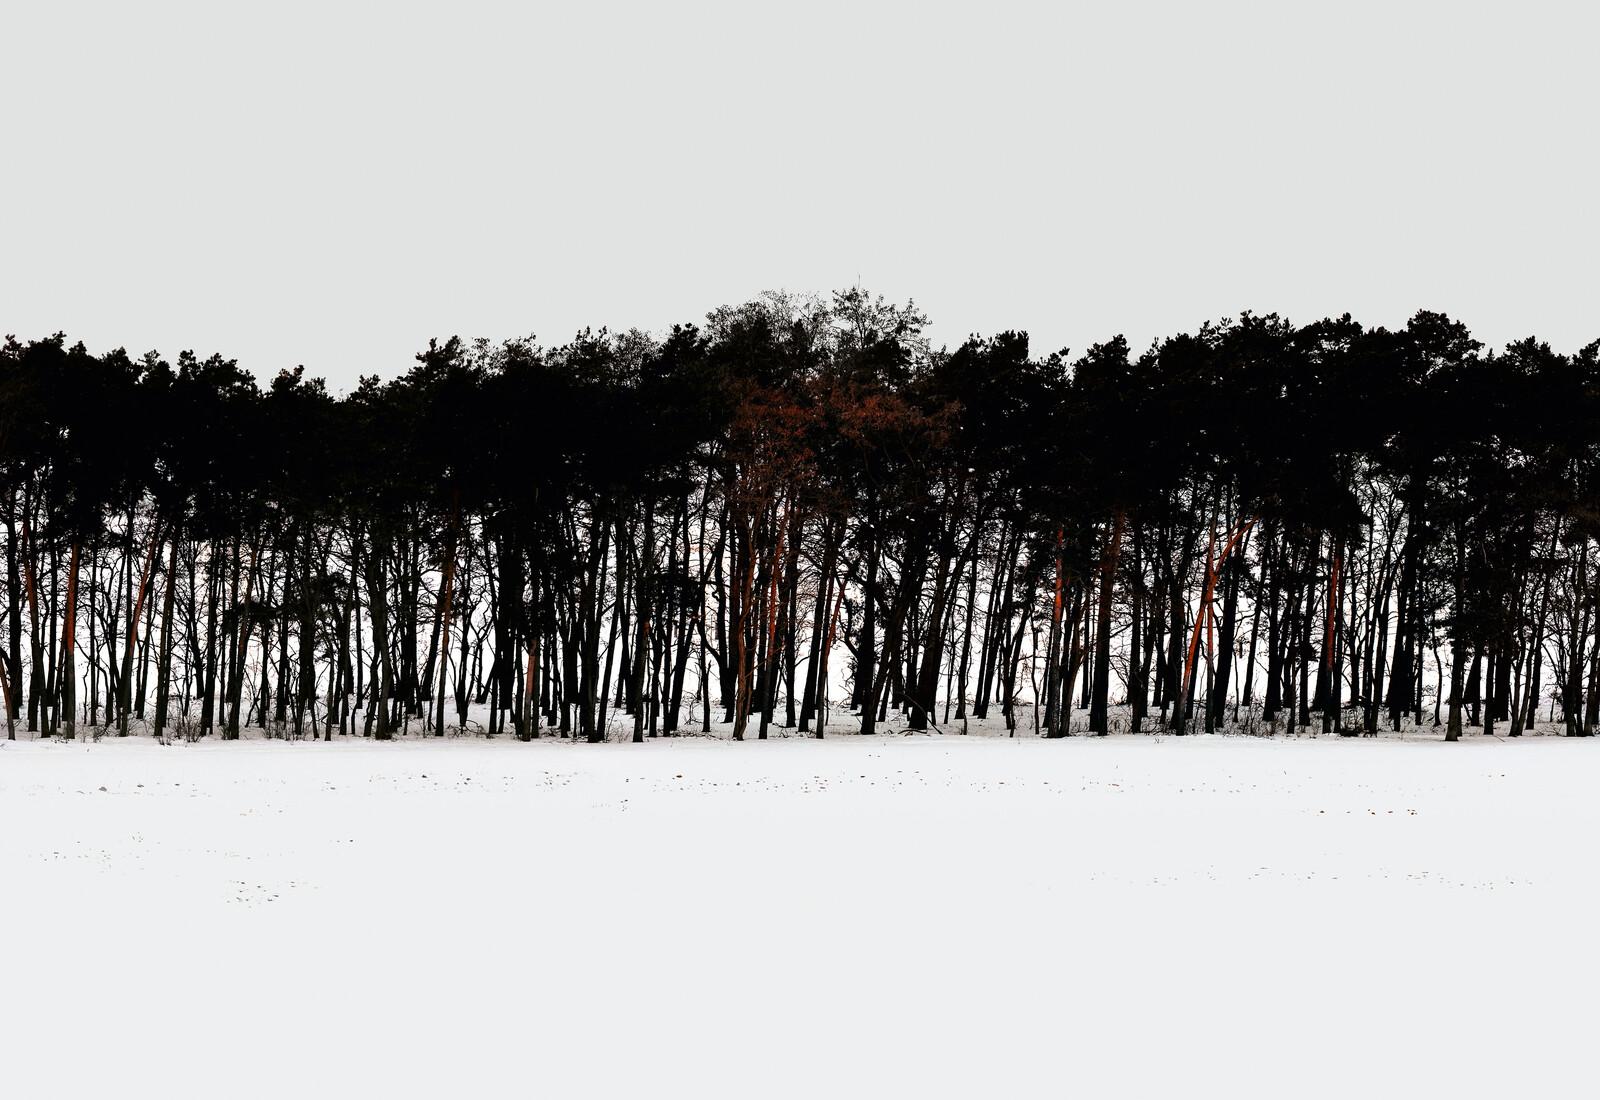 Forest 3 - Hartwig Klappert